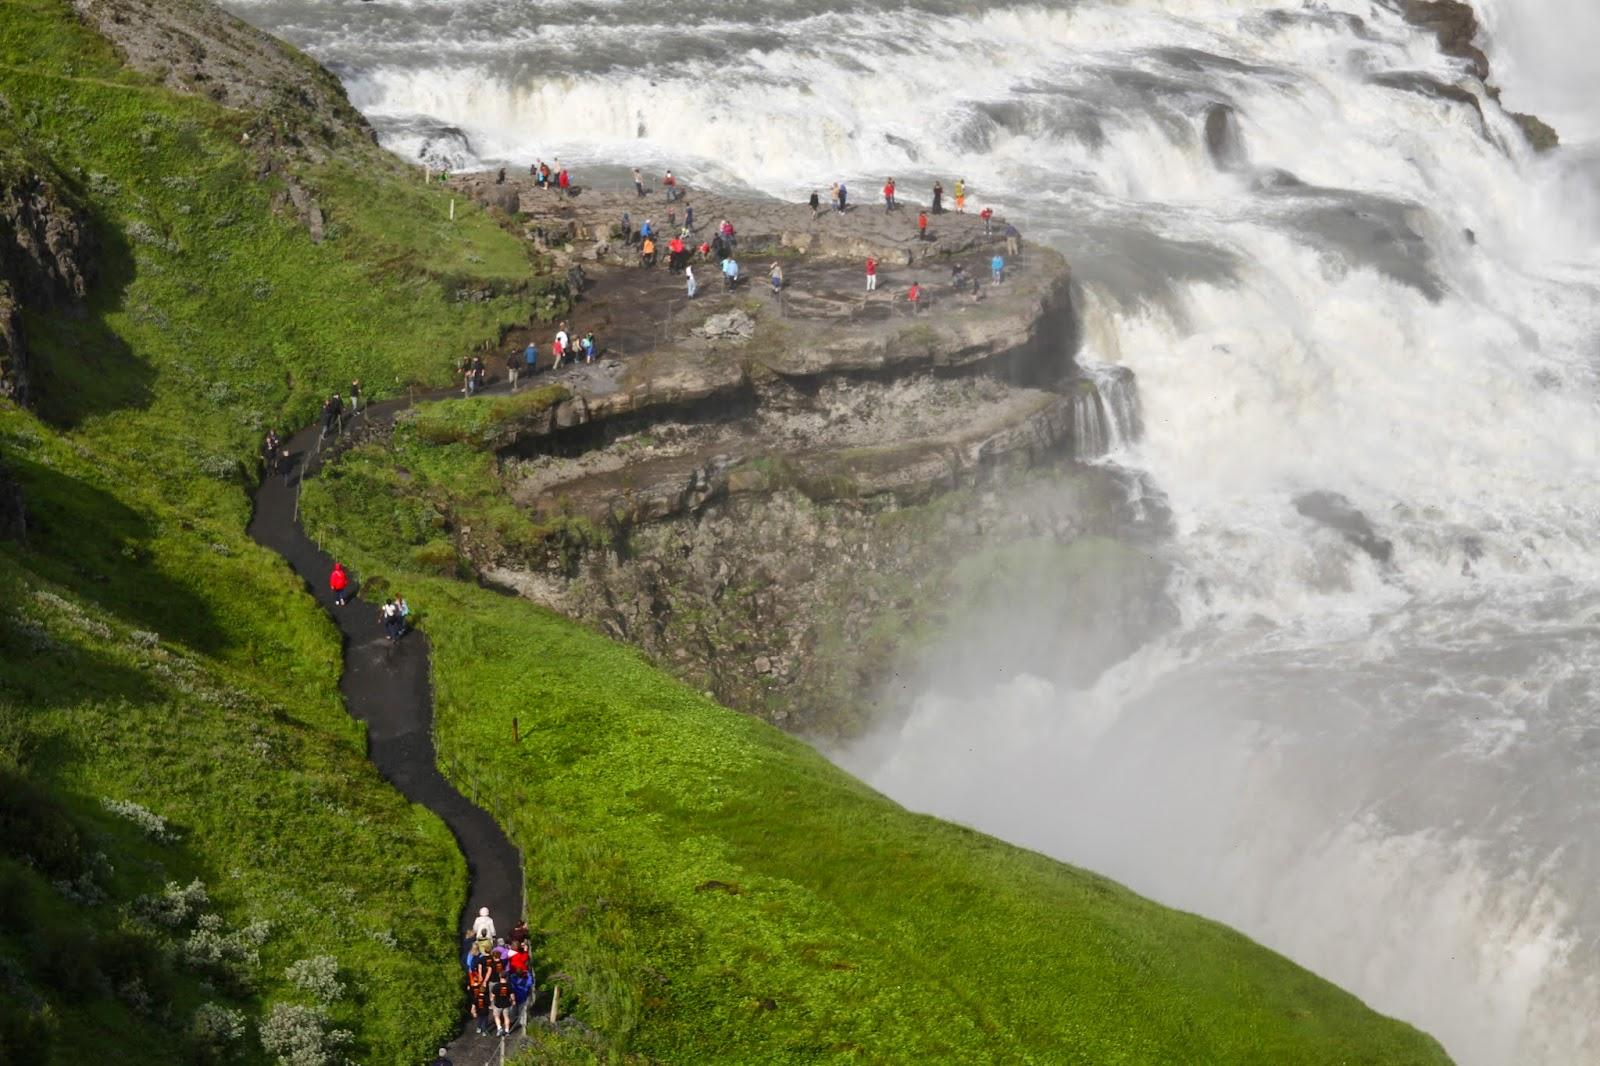 GOLDEN CIRCLE, o Círculo Dourado da Islândia - Da janela do meu carro vejo um mundo melhor | Islândia